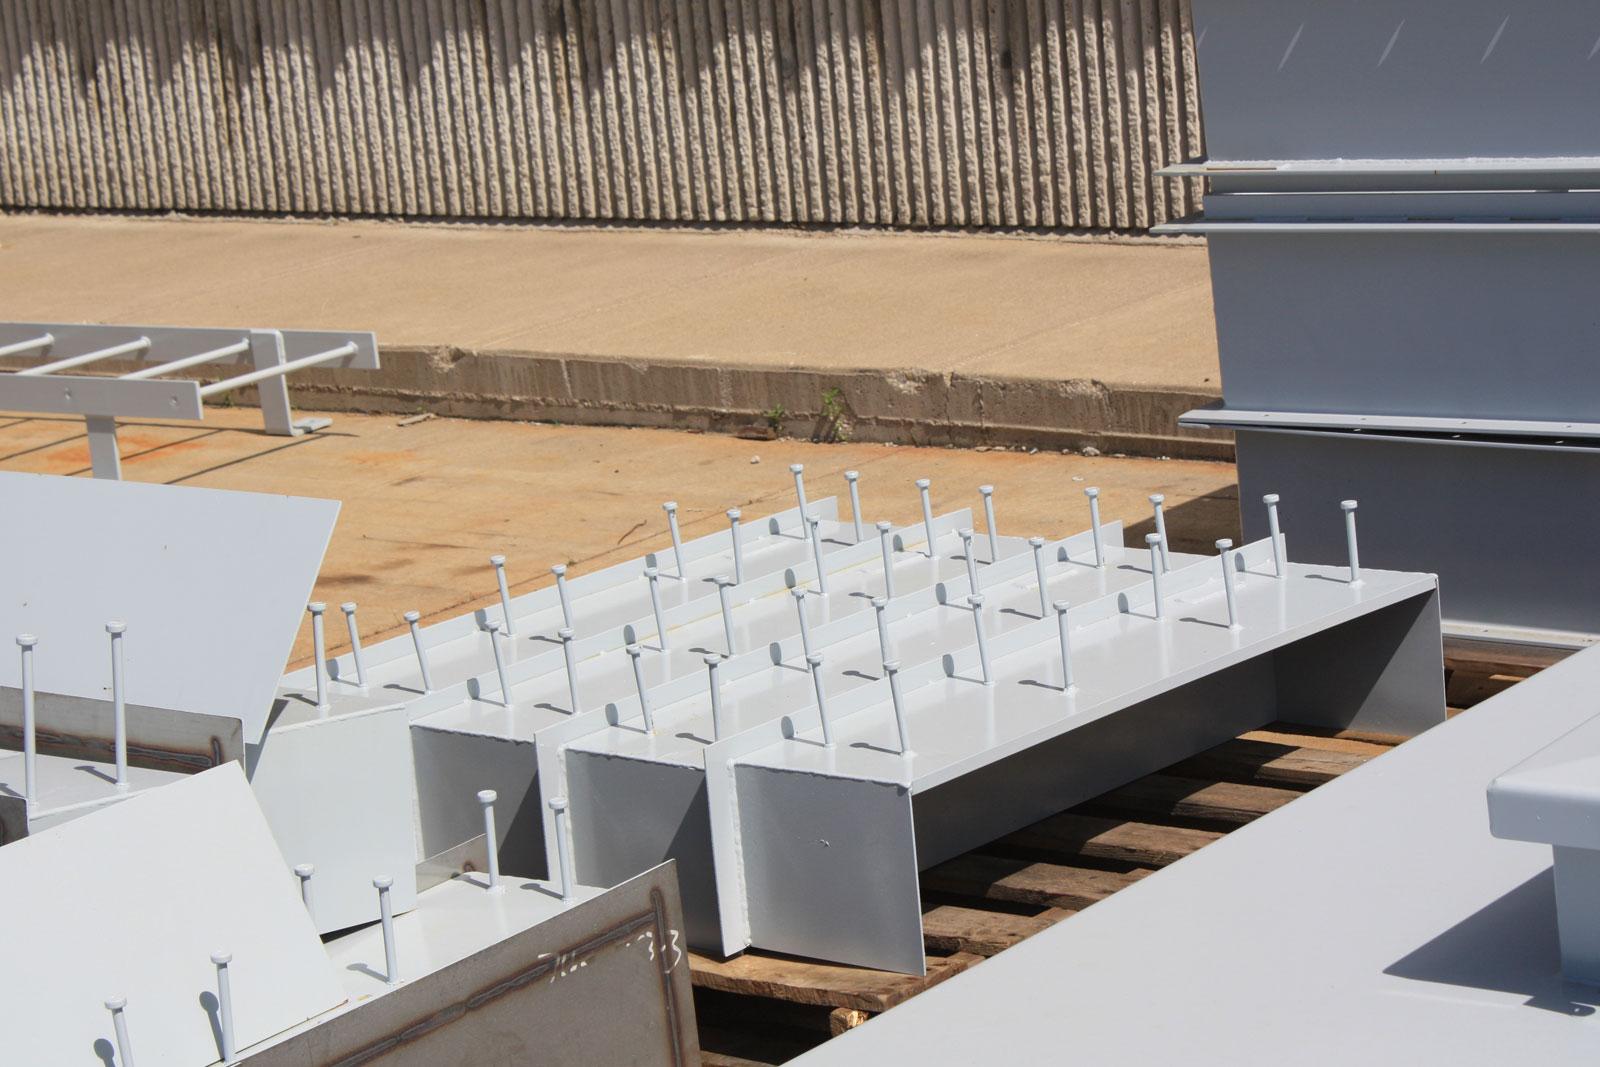 ladders - platforms- steel openings